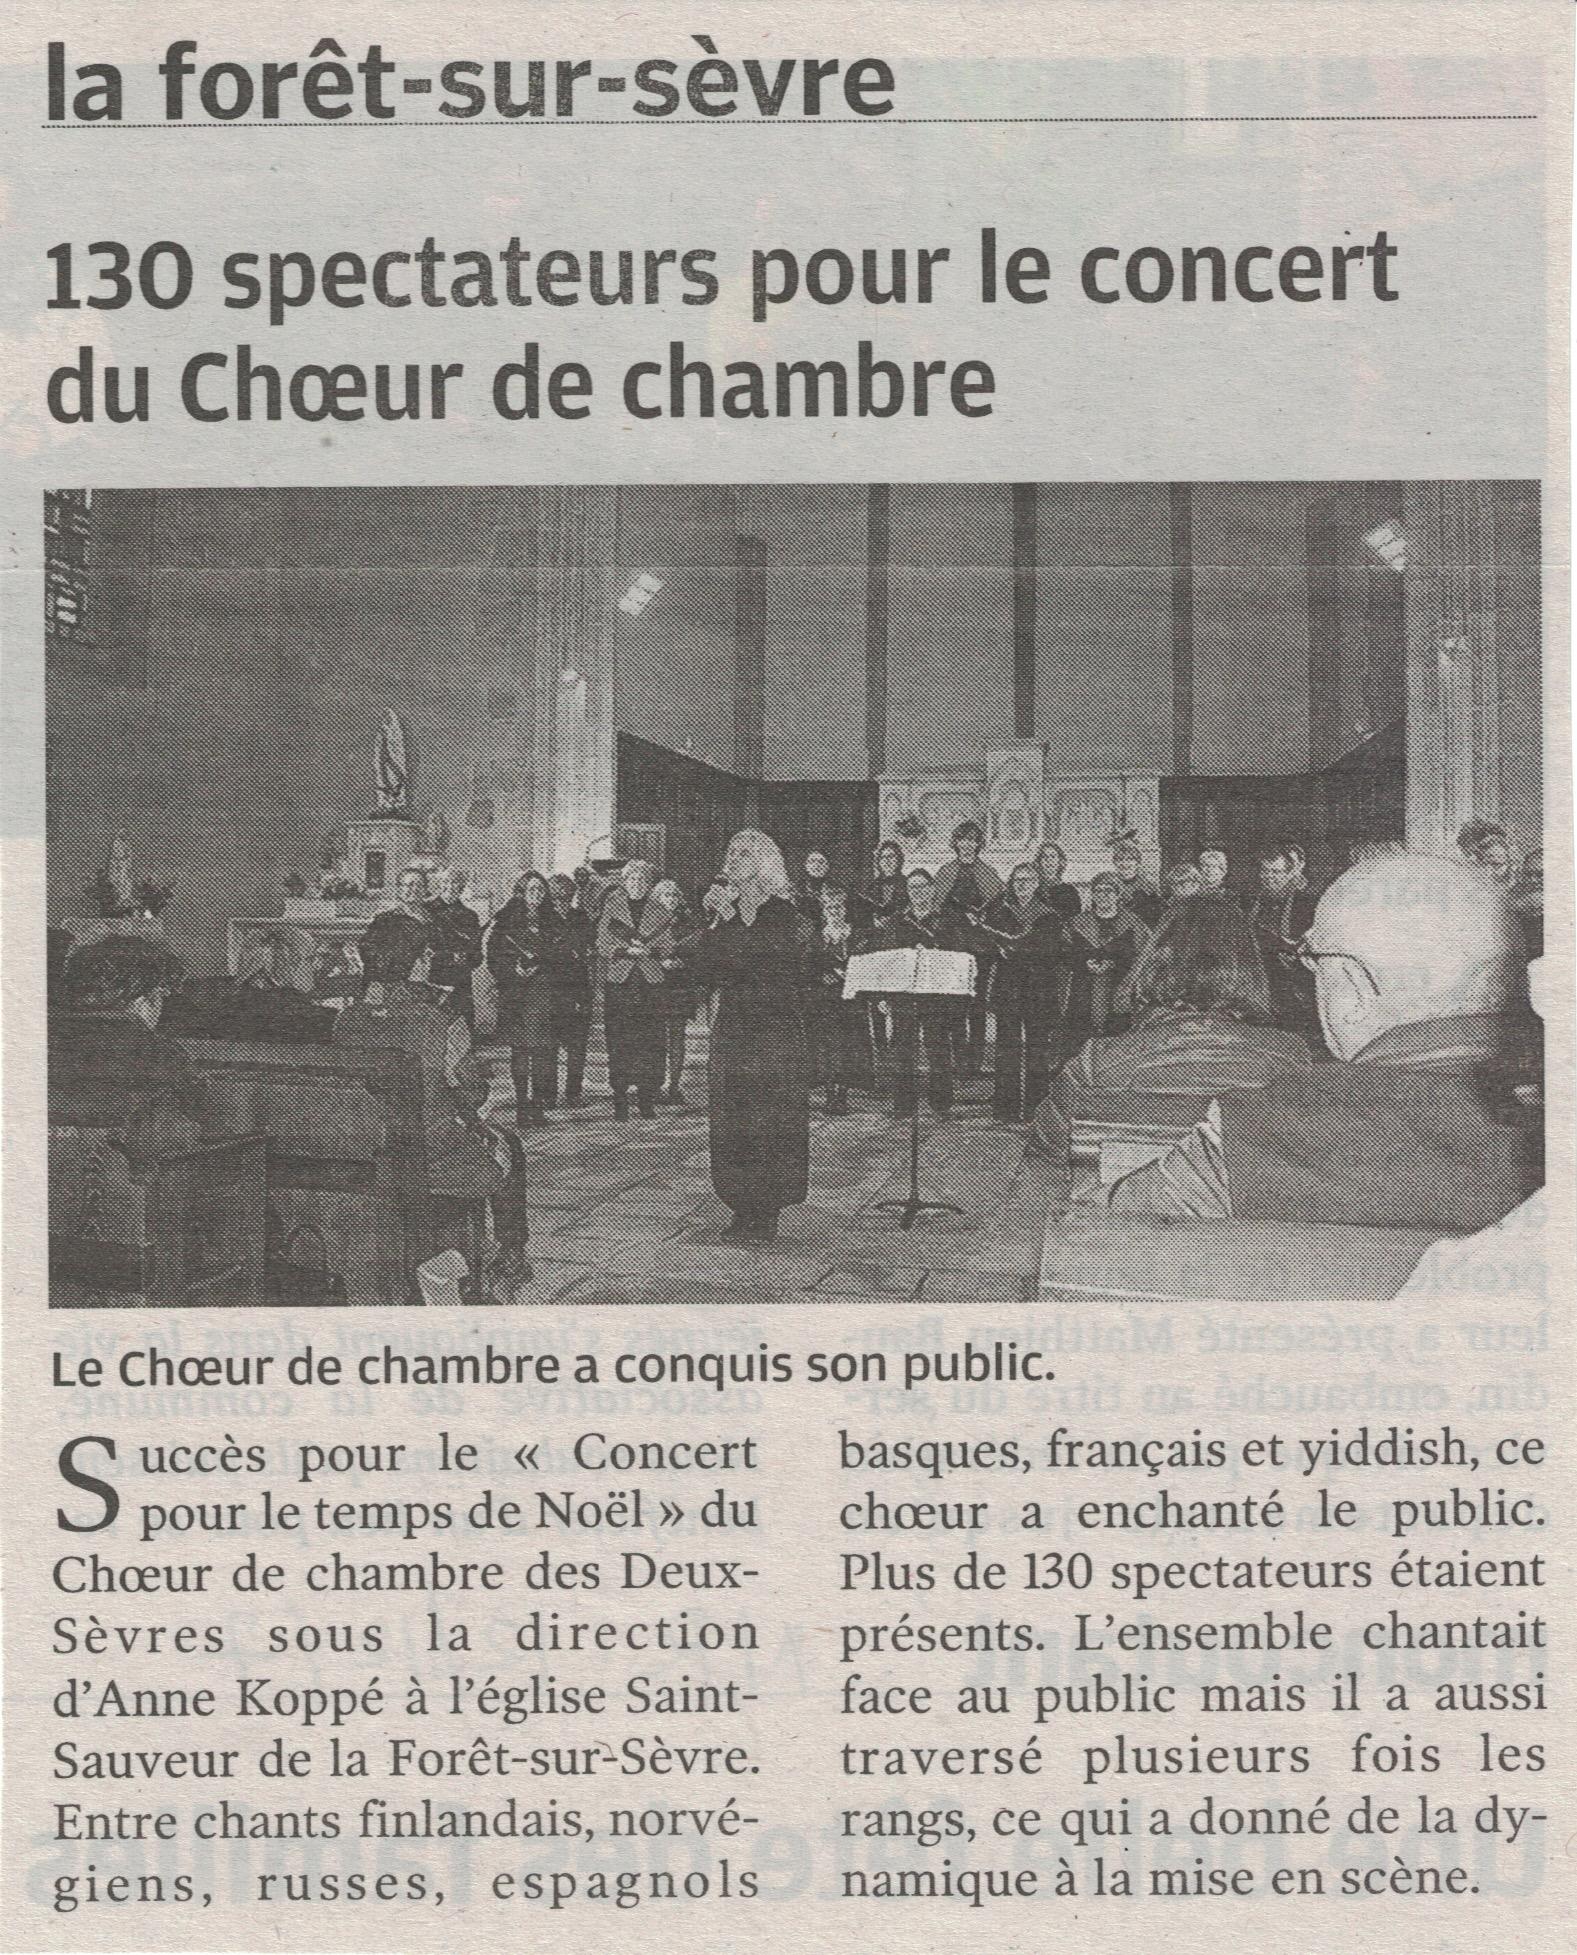 la-foret-sur-sevre-NR 12/12/2017